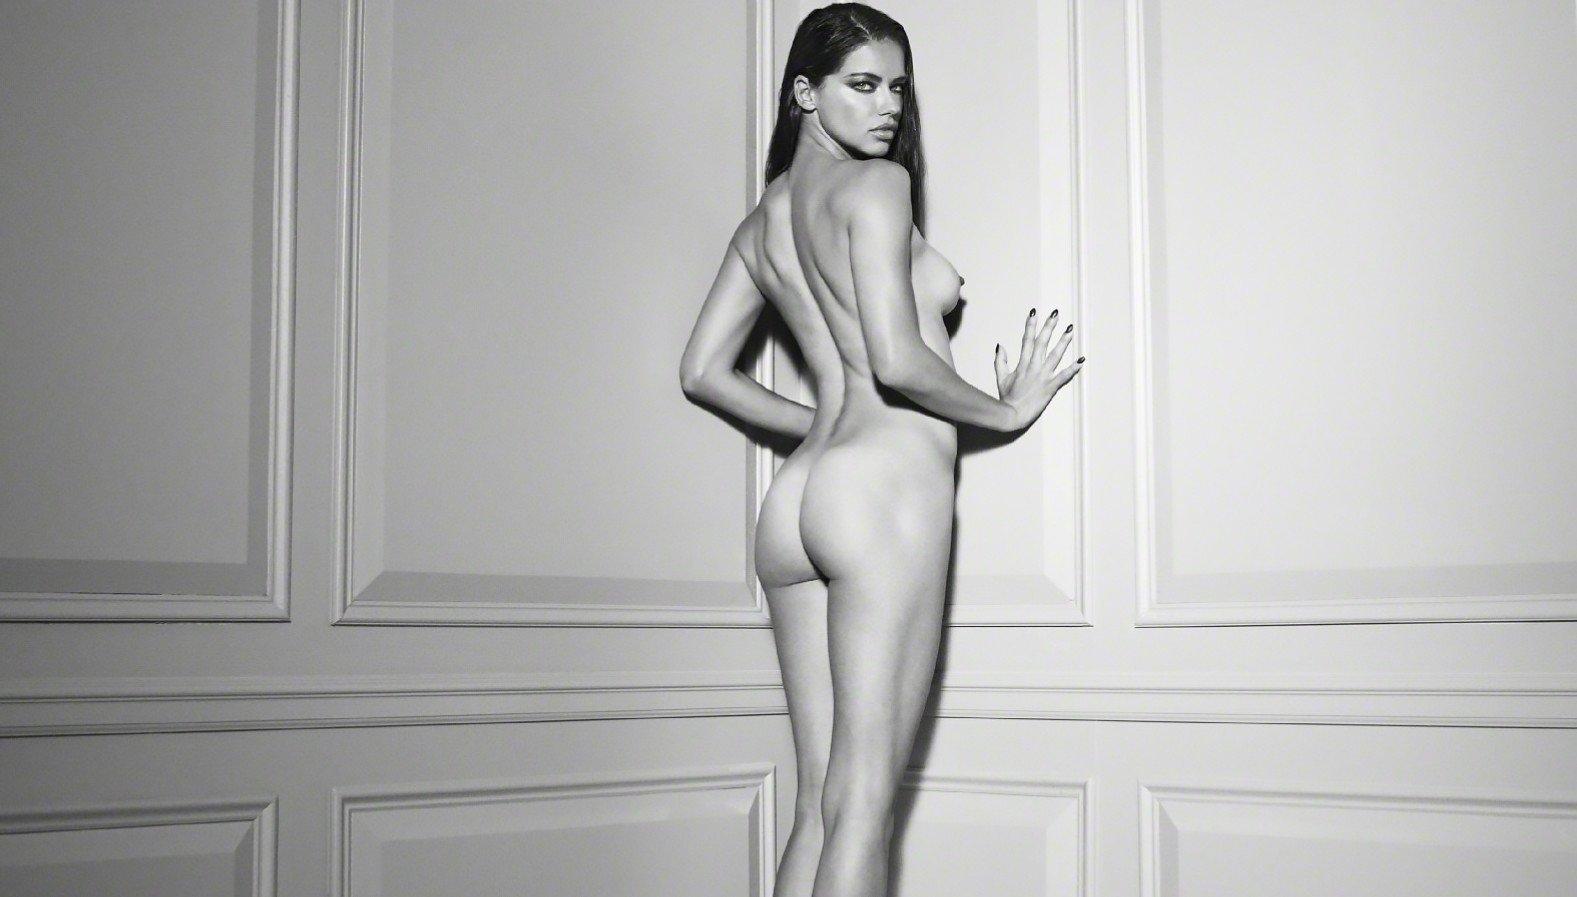 Adreana lima naked